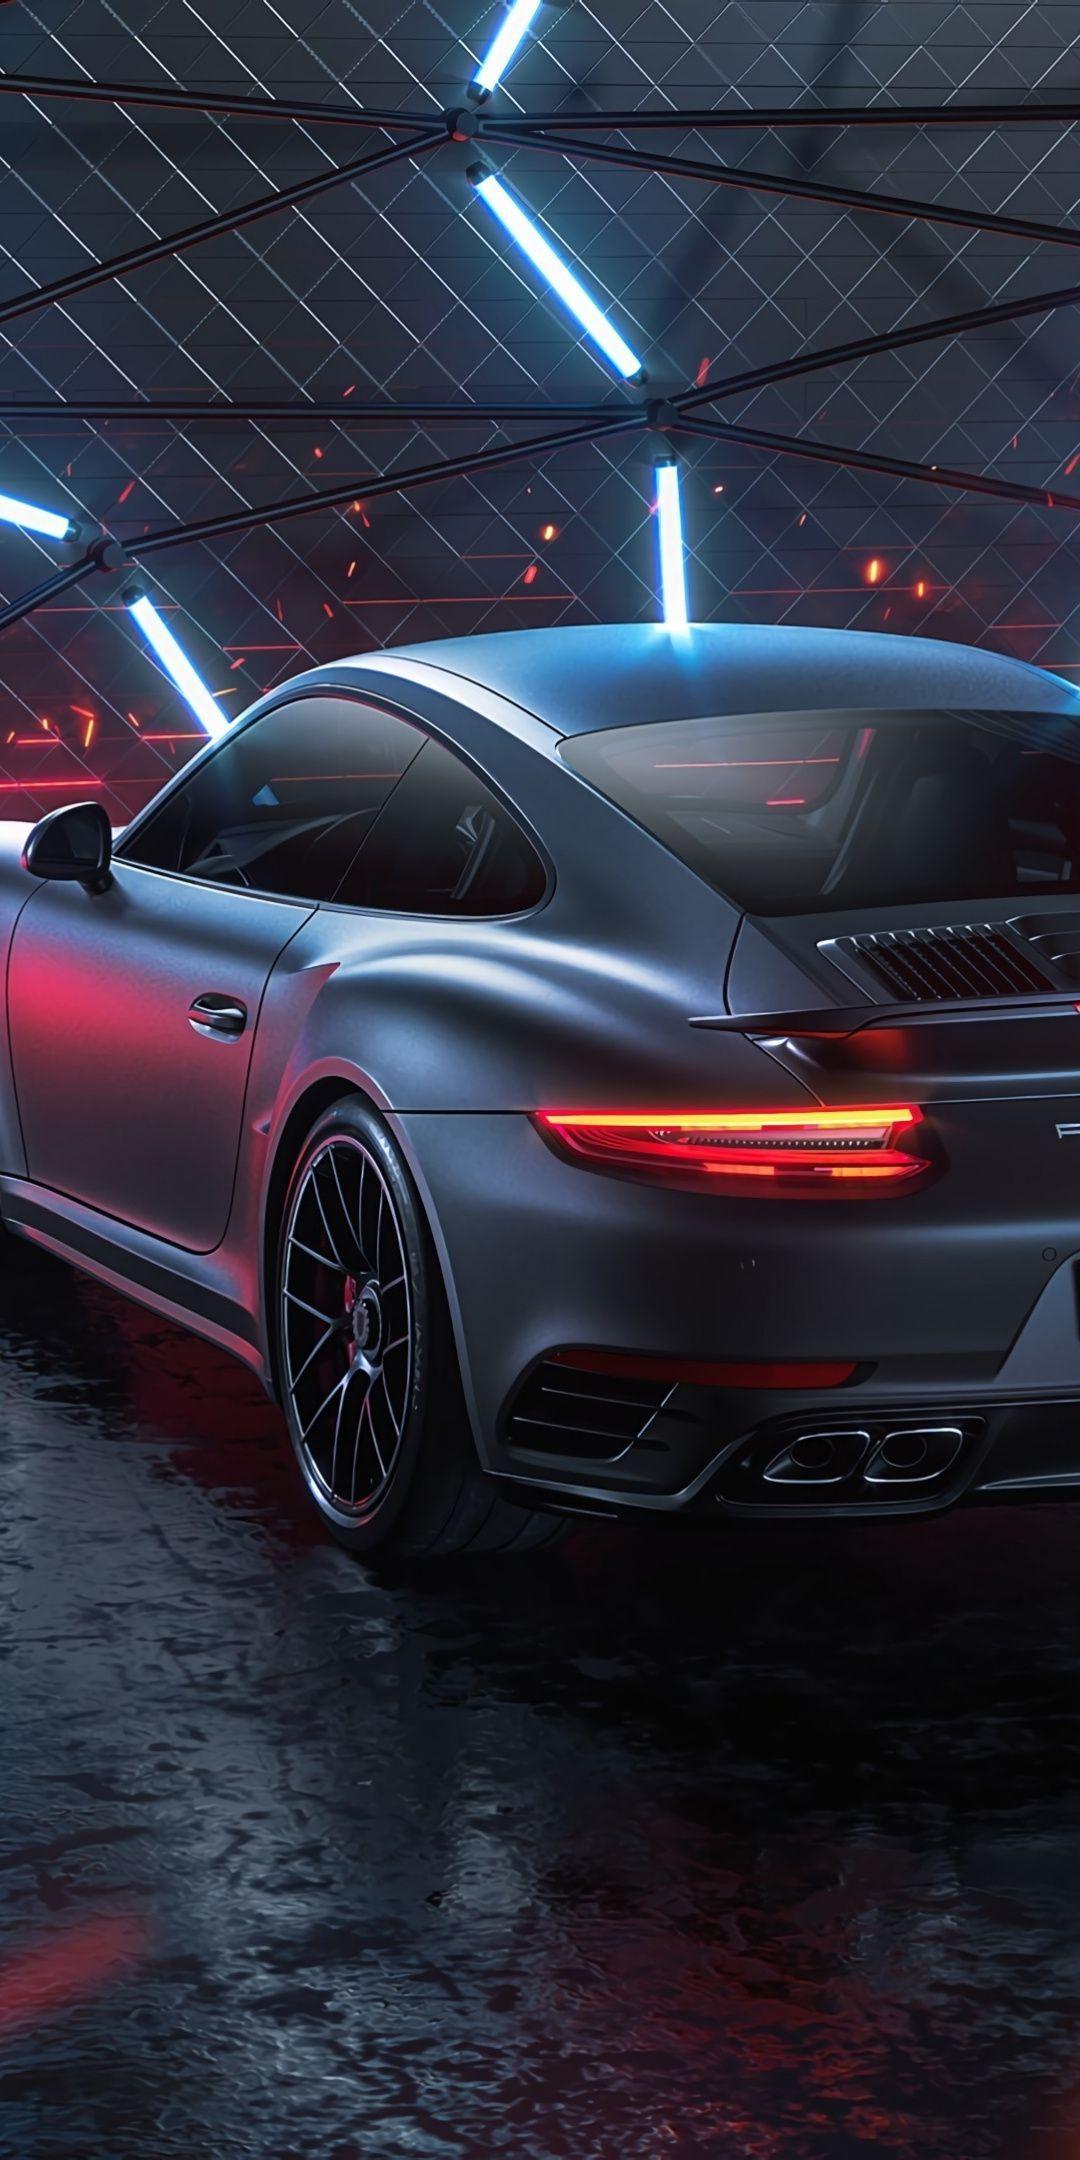 1080x2160 Porsche 911 Turbo S Porsche Car Art Wallpaper 911 Turbo S Porsche 911 Turbo Turbo S